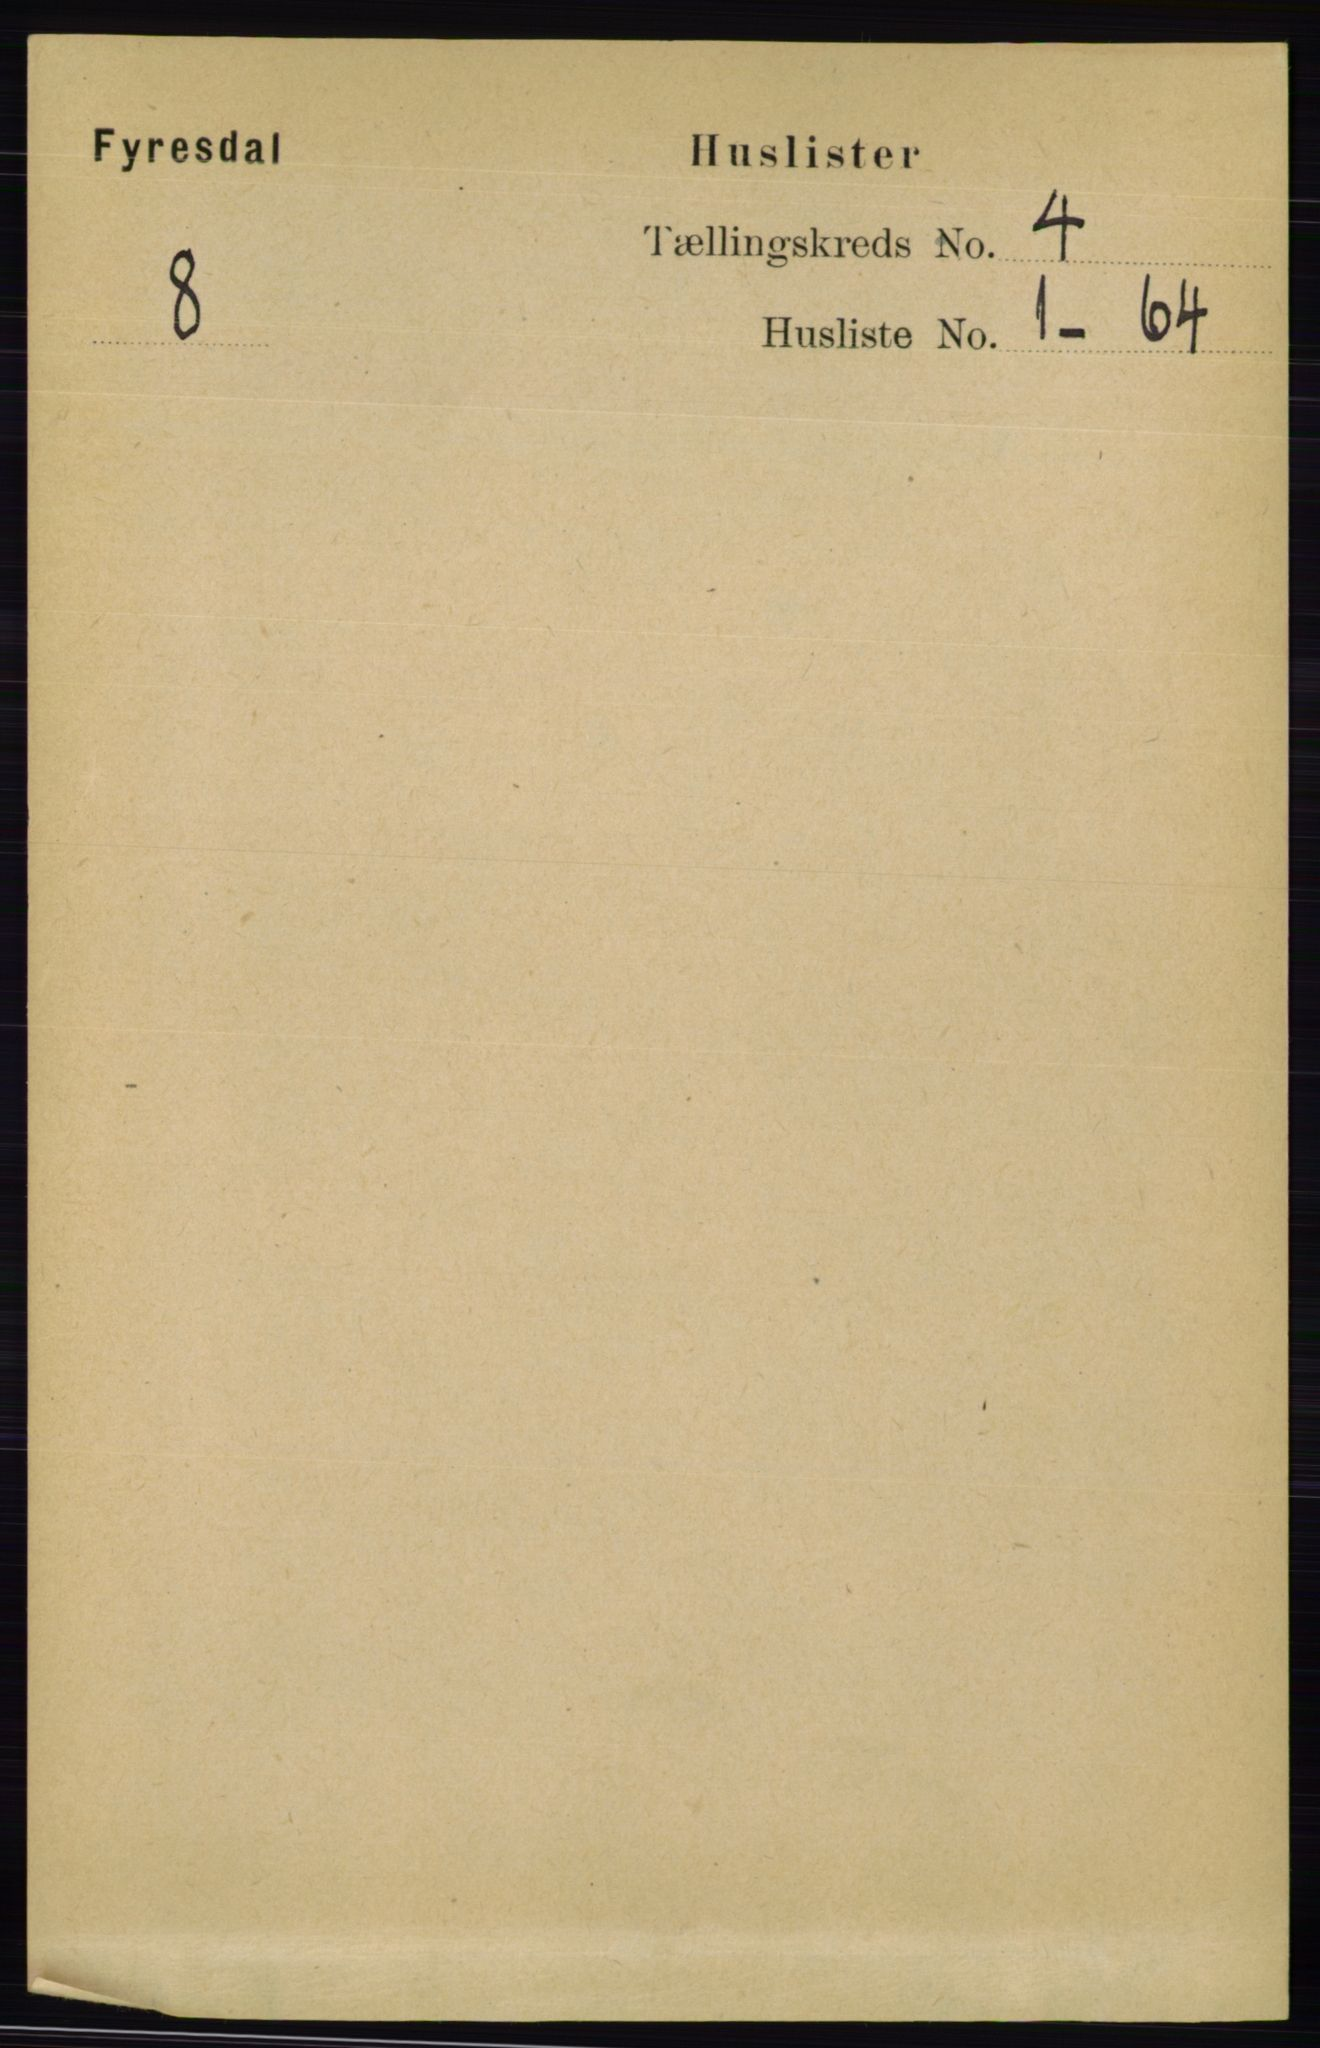 RA, Folketelling 1891 for 0831 Fyresdal herred, 1891, s. 741